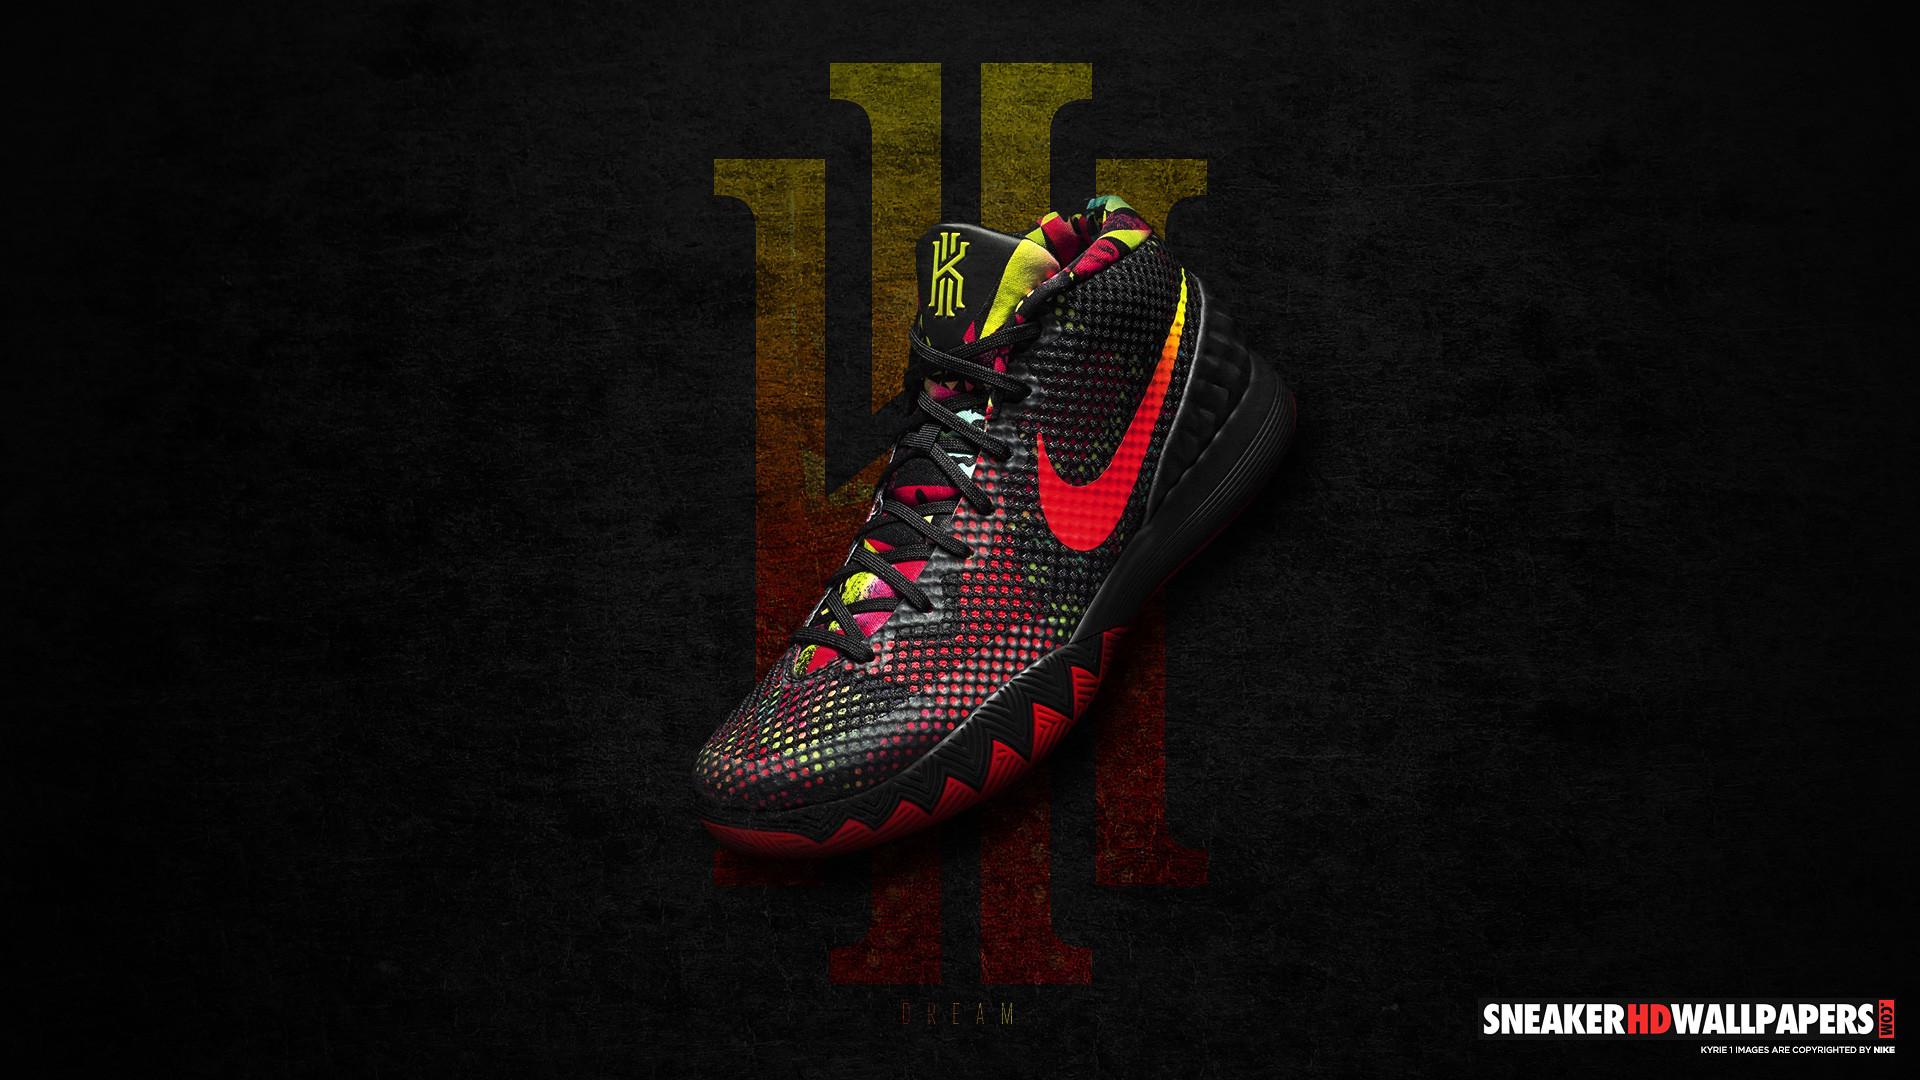 Michael Jordan Nike Wallpaper: Michael Jordan Shoes Wallpaper (67+ Images